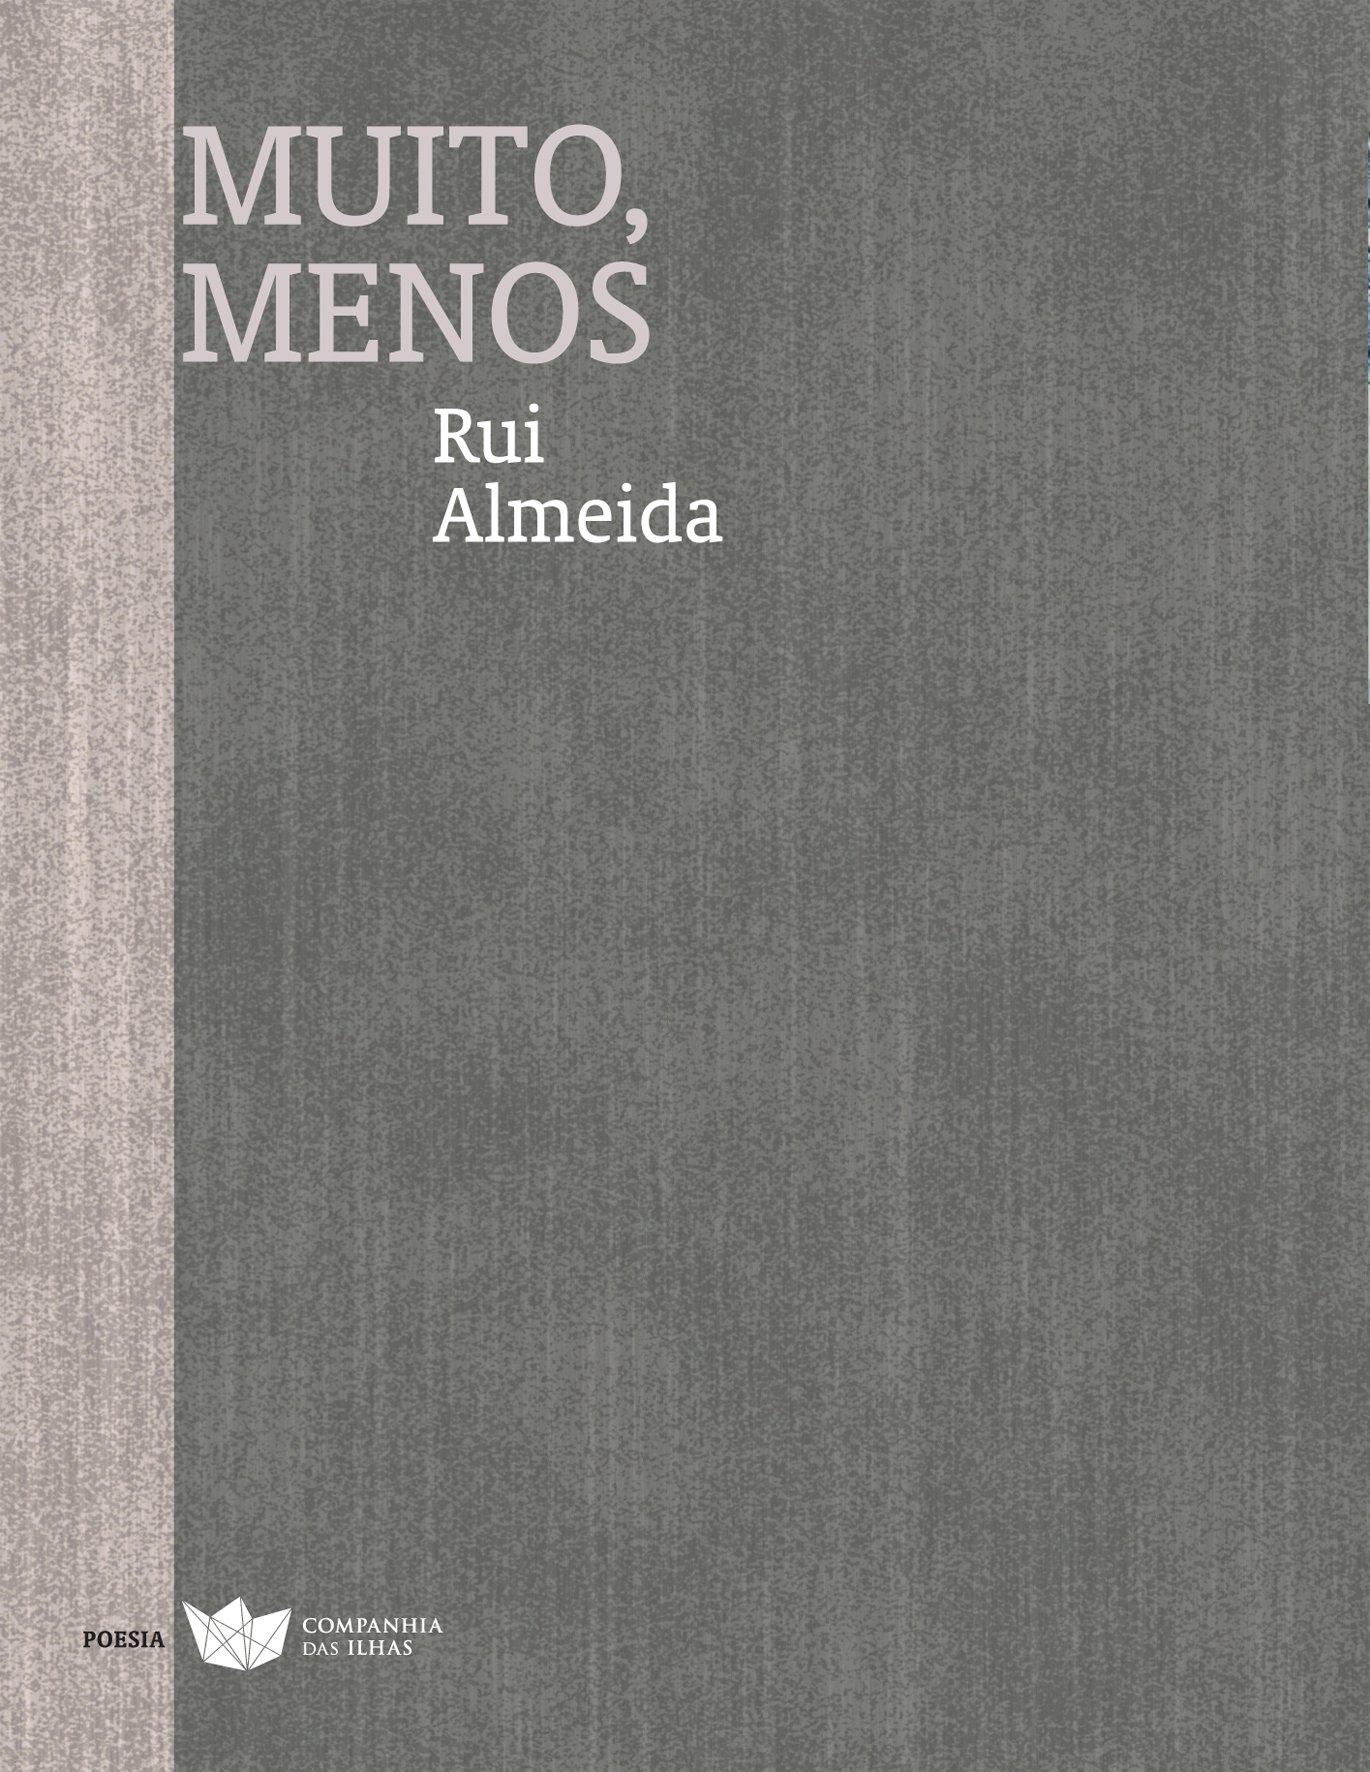 Este é o quinto livro de poesia Rui Almeida, nascido em 1972